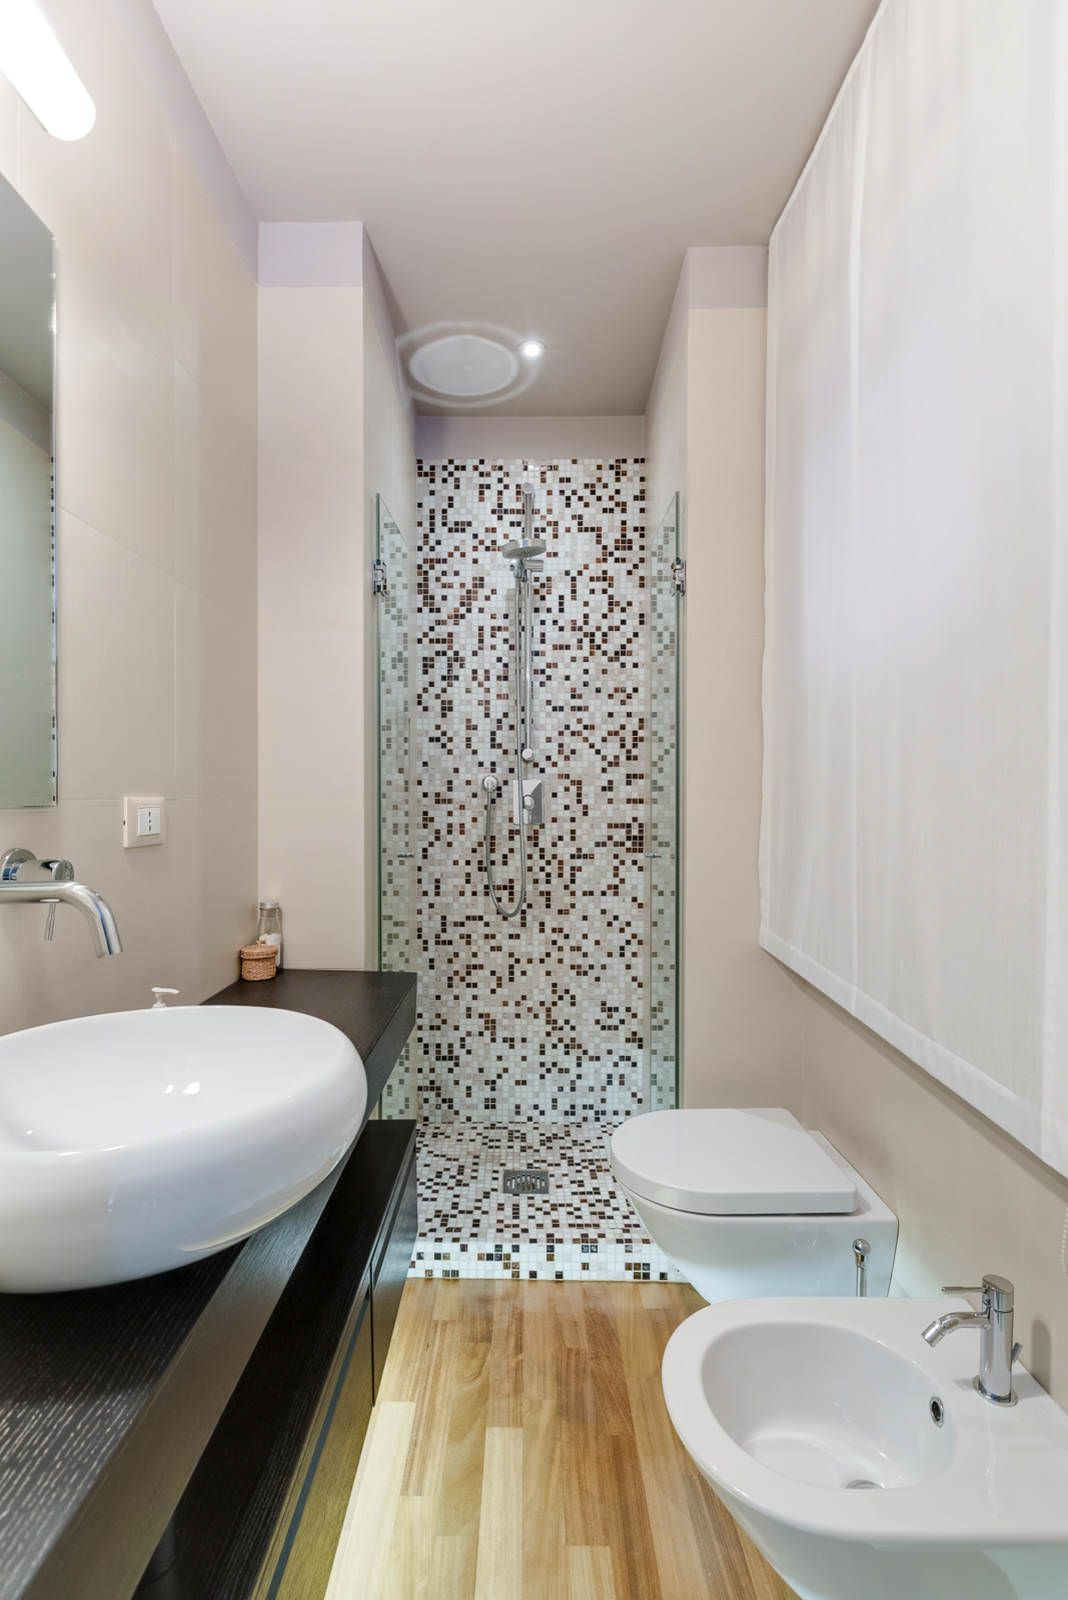 Mosaico bagno  100 idee per rivestire con stile bagni